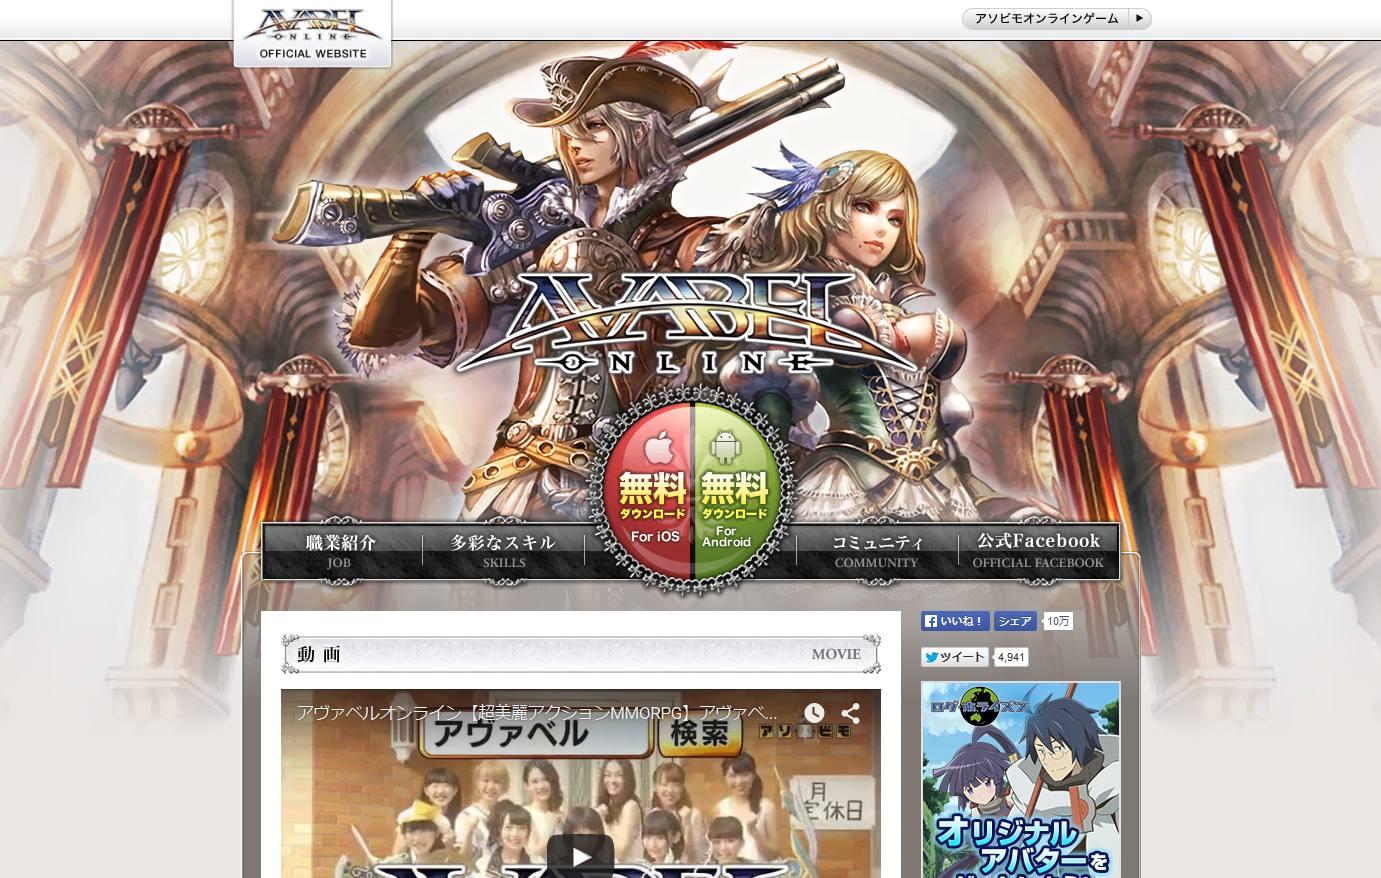 アヴァベルオンライン公式サイト - Android&iOS対応 最高峰グラフィックの3D-MMORPG